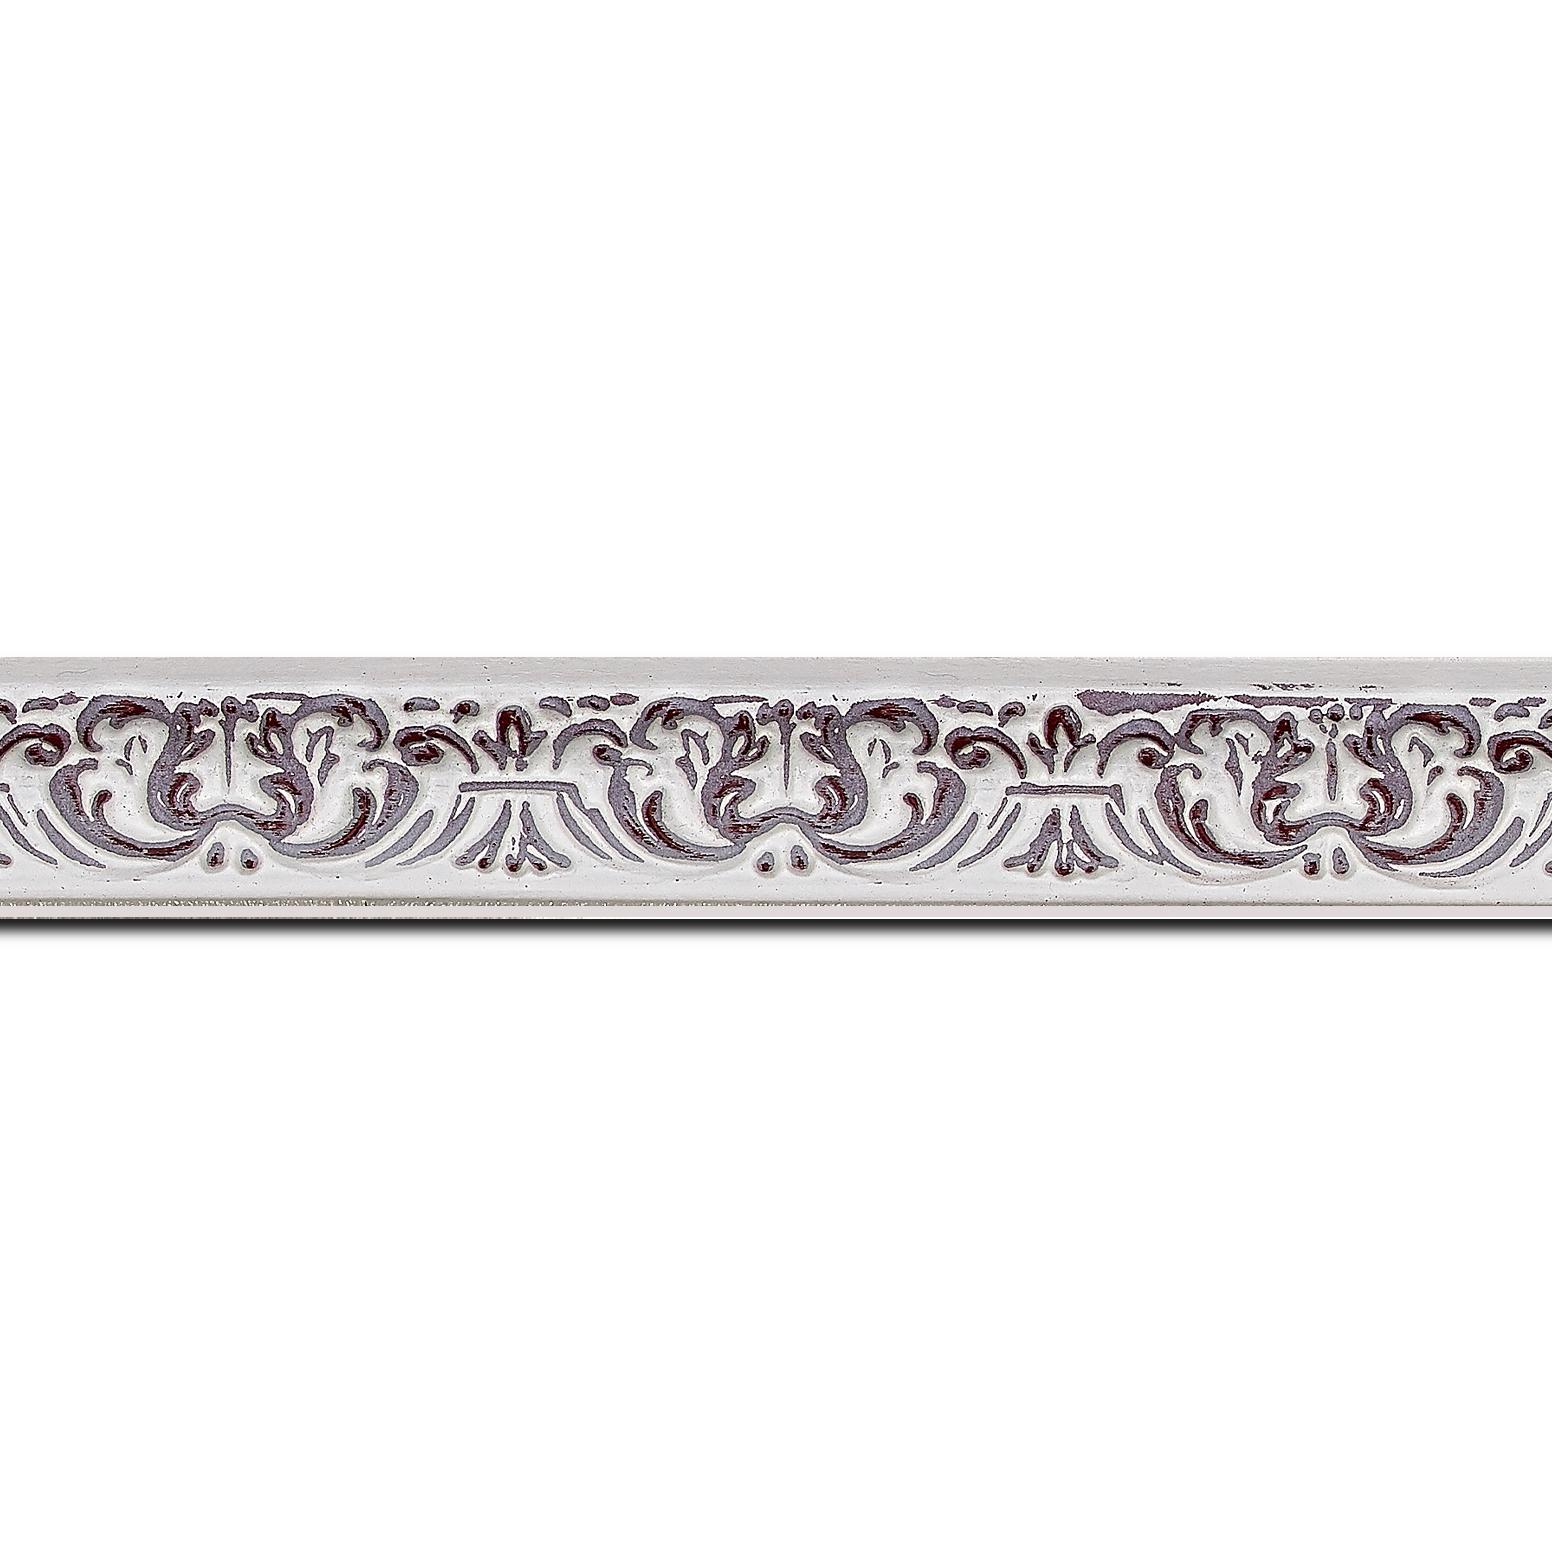 Pack par 12m, bois profil incurvé largeur 2.6cm couleur rouge cerise en relief sur fond blanchie (longueur baguette pouvant varier entre 2.40m et 3m selon arrivage des bois)